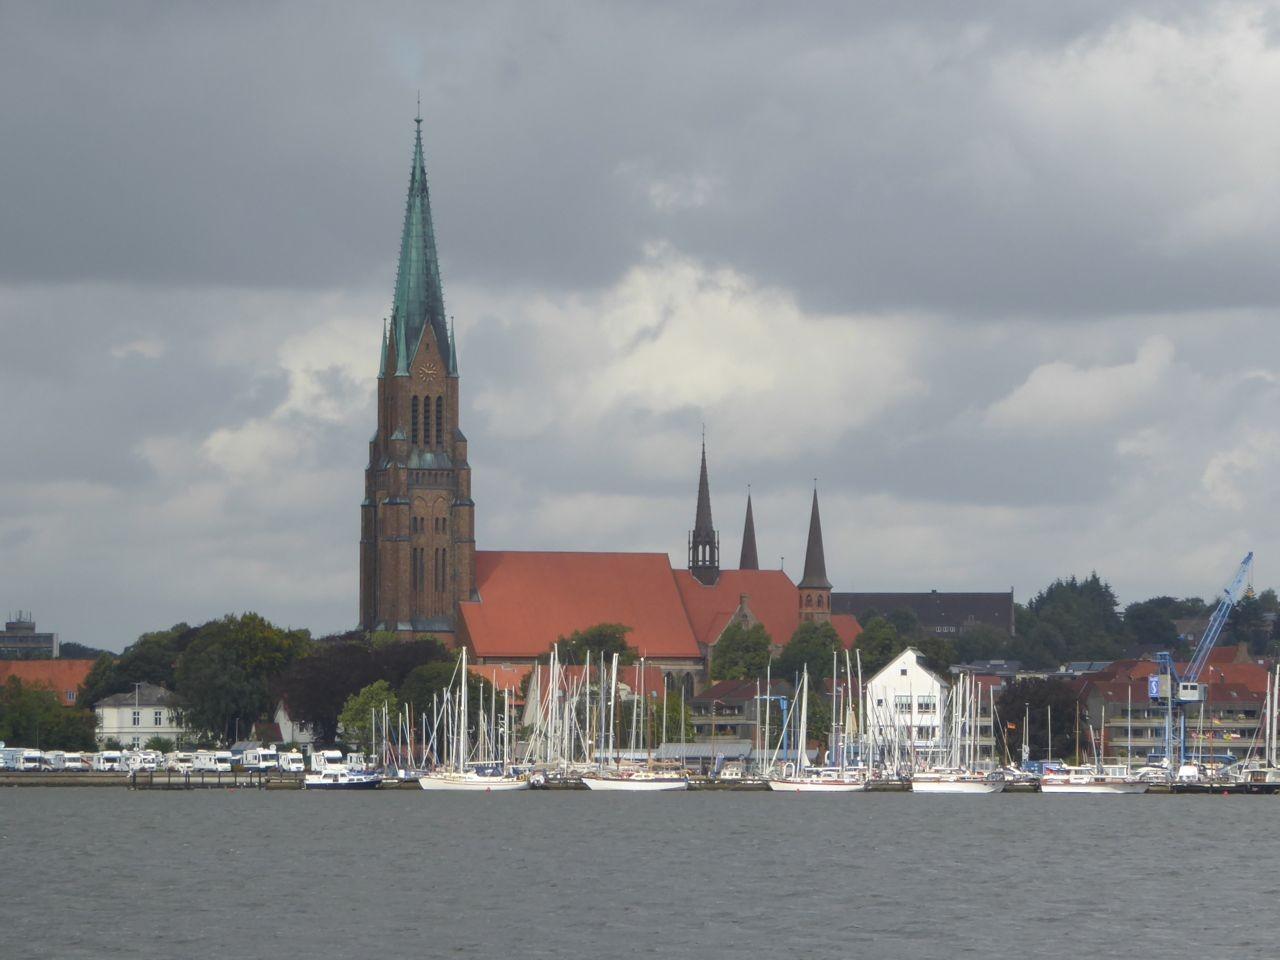 Schleswig Stadhafen